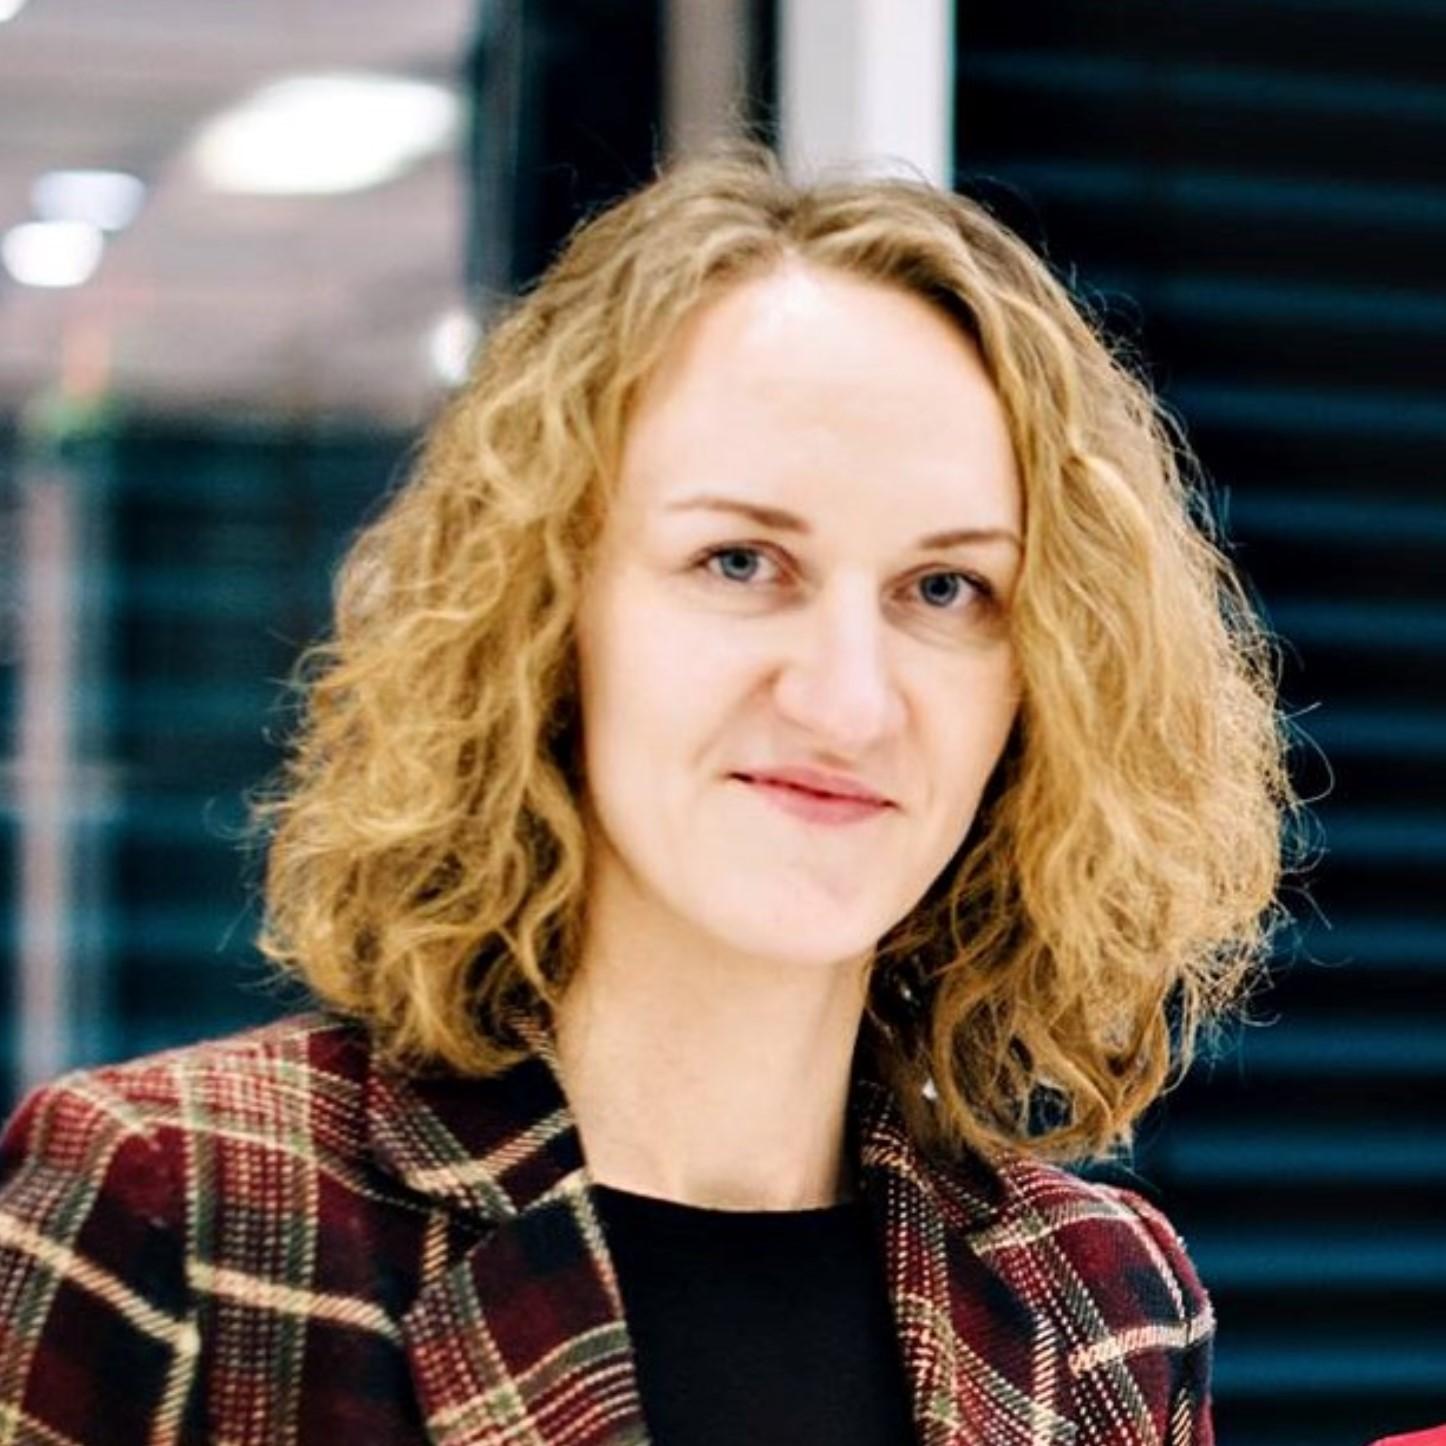 Nataliia Shapoval